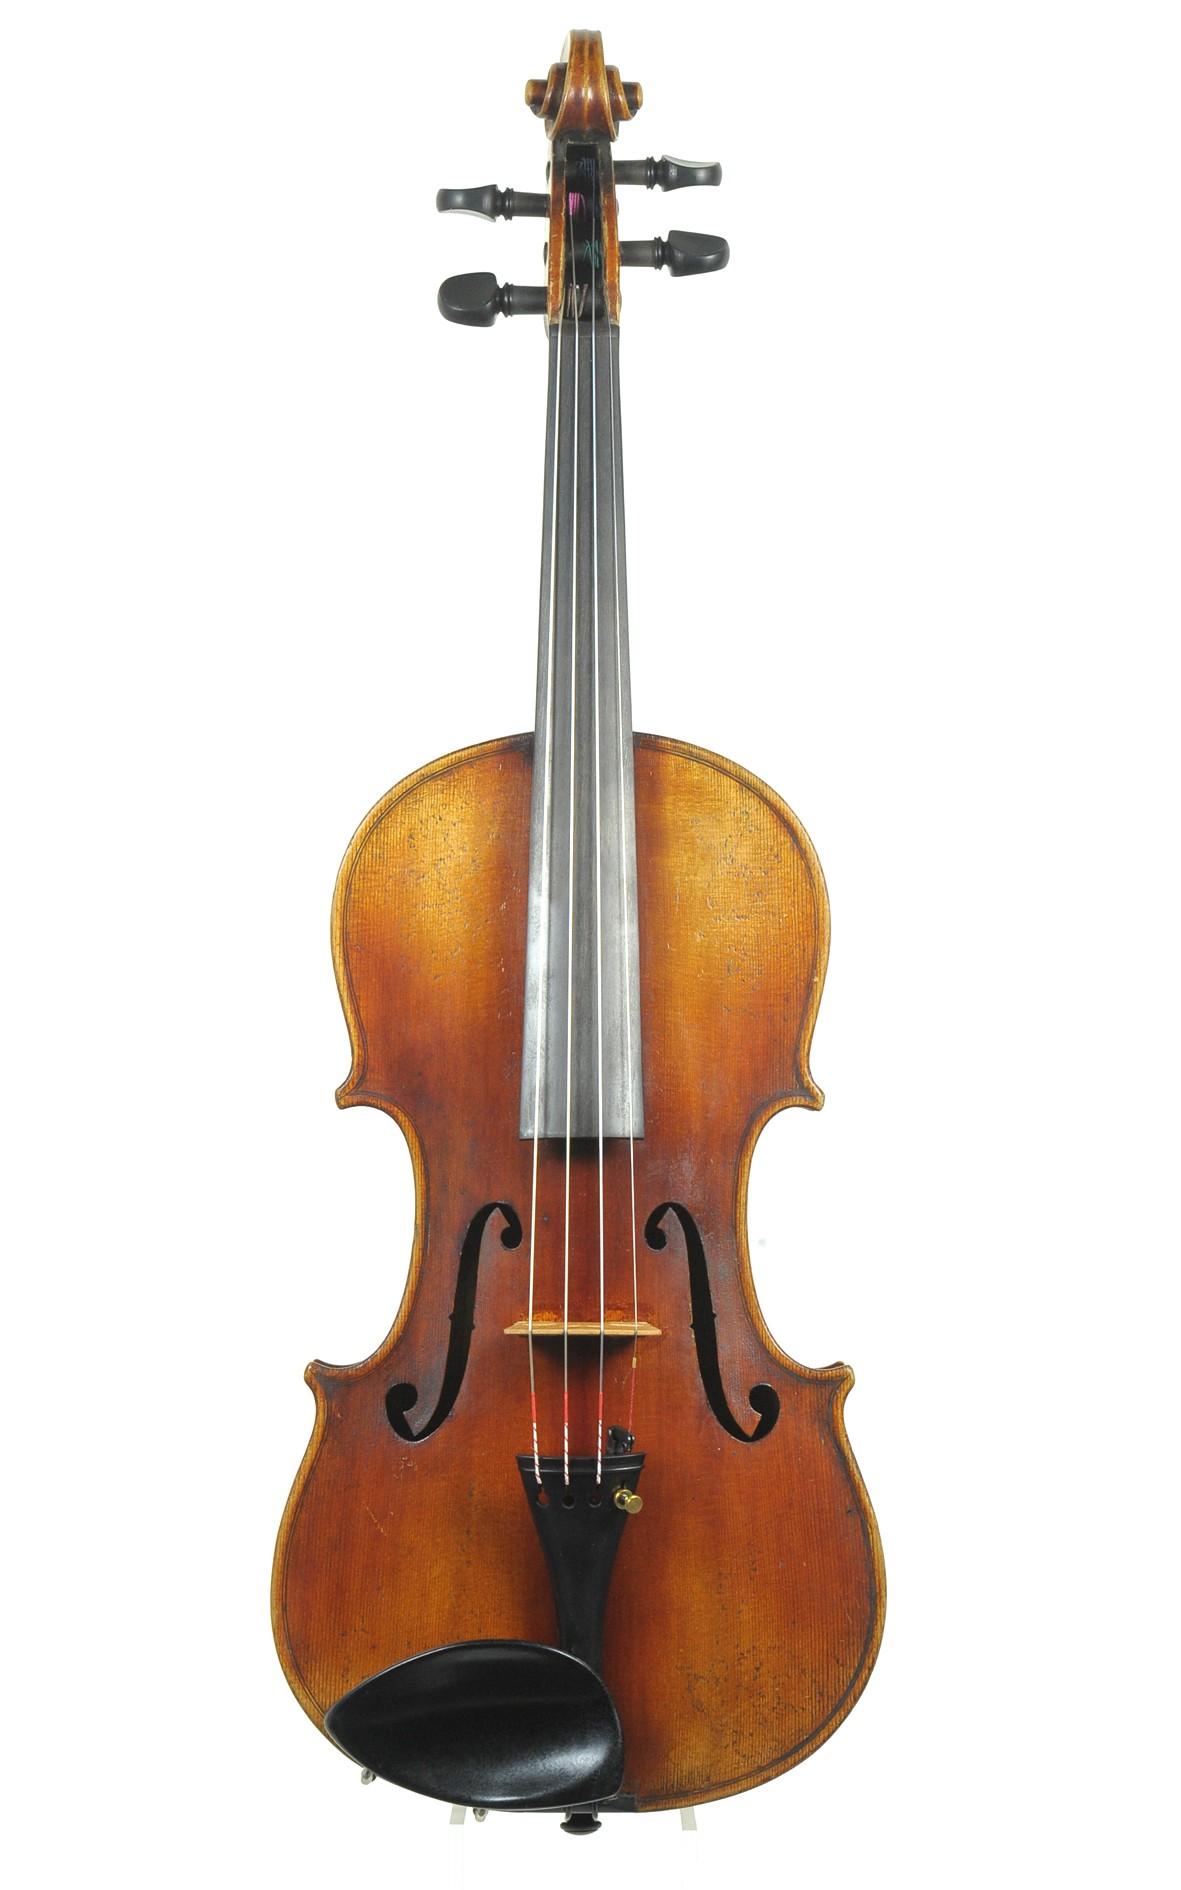 German violin after Guarnerius, c.1890 Lowendall workshop